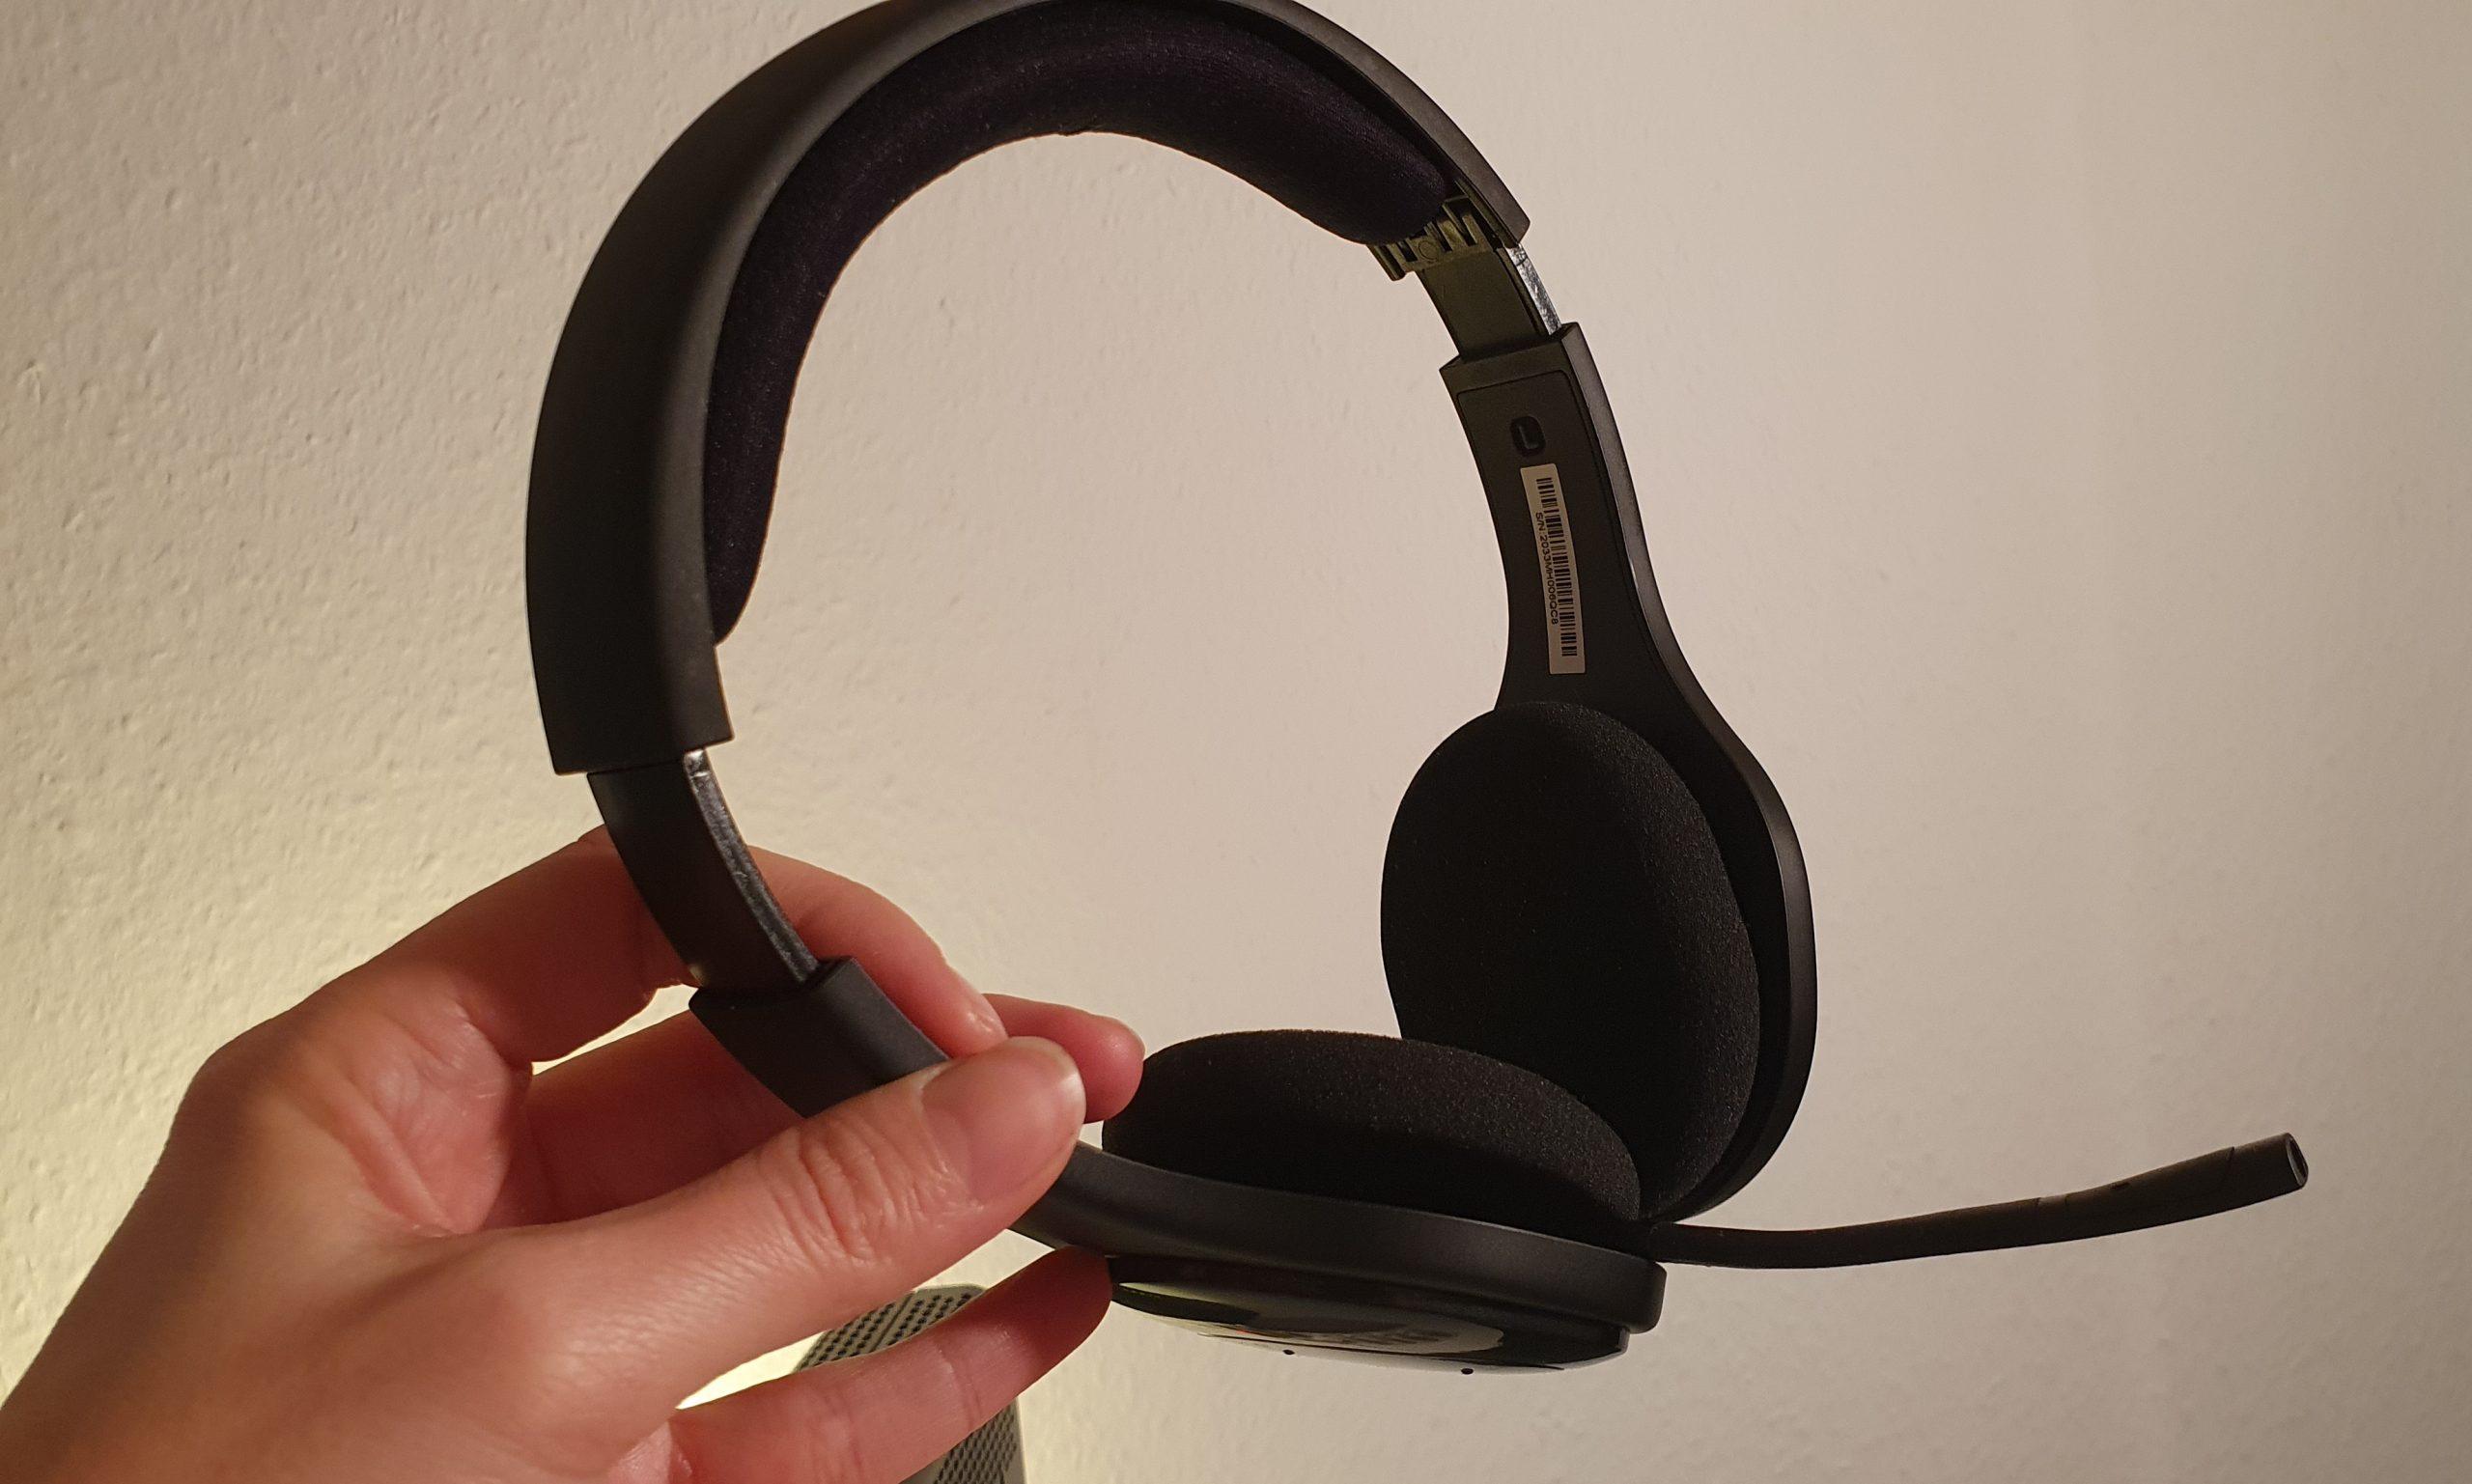 das Logitech H800 gibt mir Wums auf die Ohren